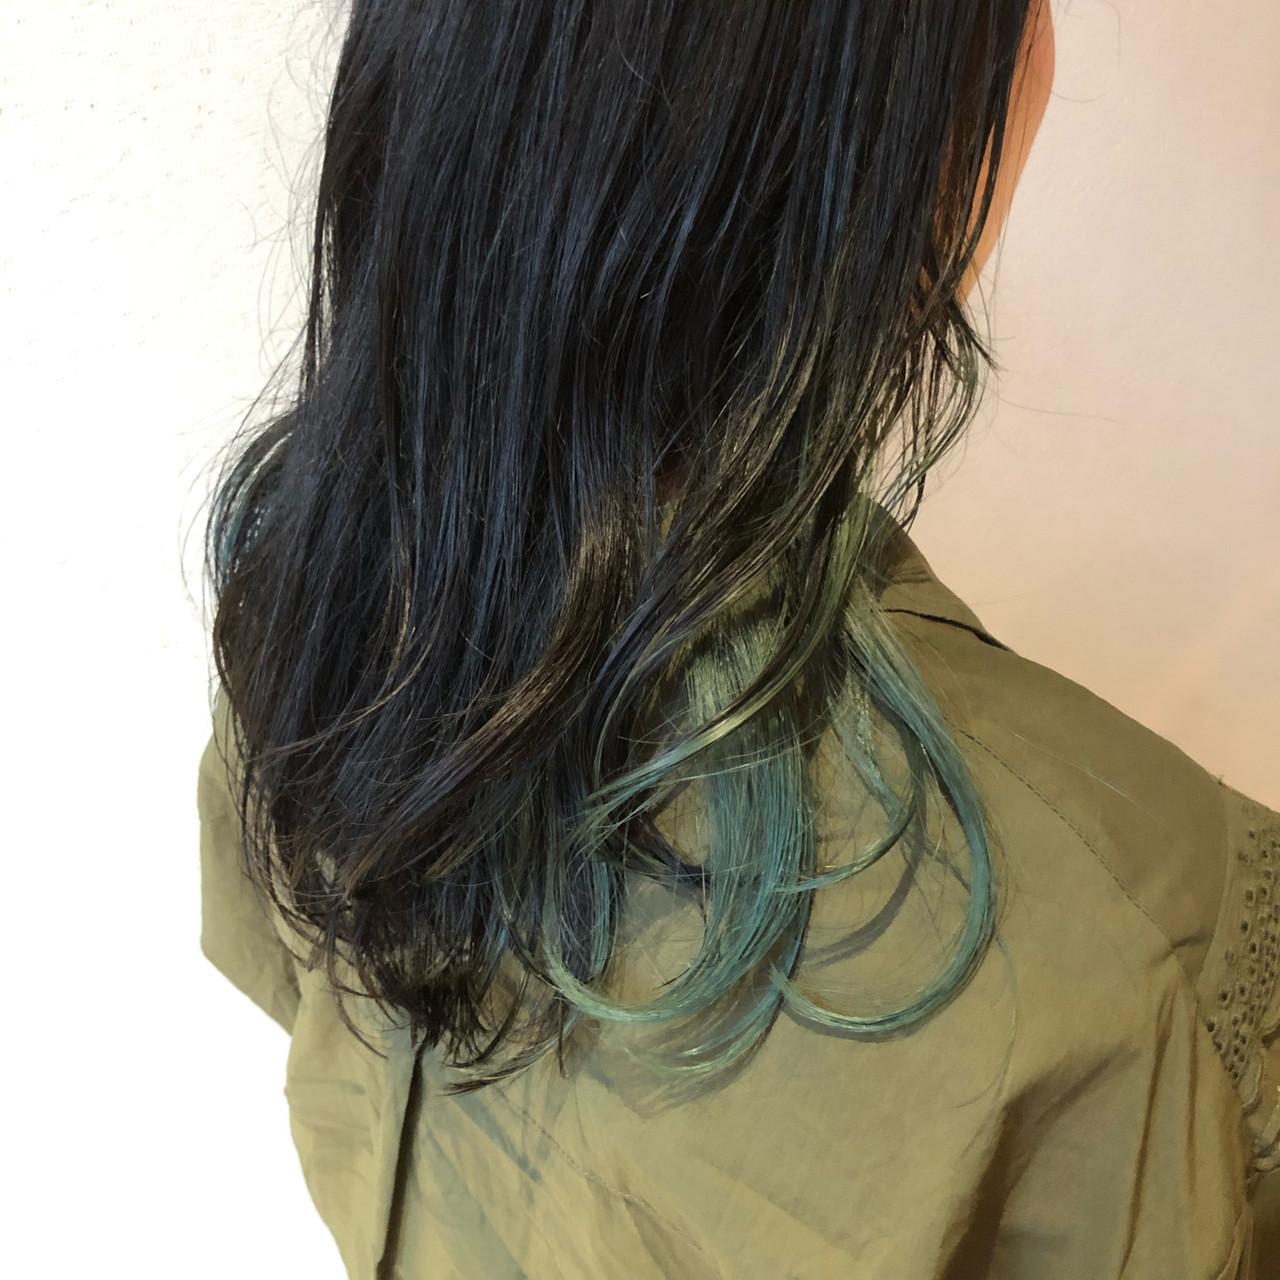 インナーグリーン エメラルドグリーンカラー インナーカラーグレー グリーンヘアスタイルや髪型の写真・画像